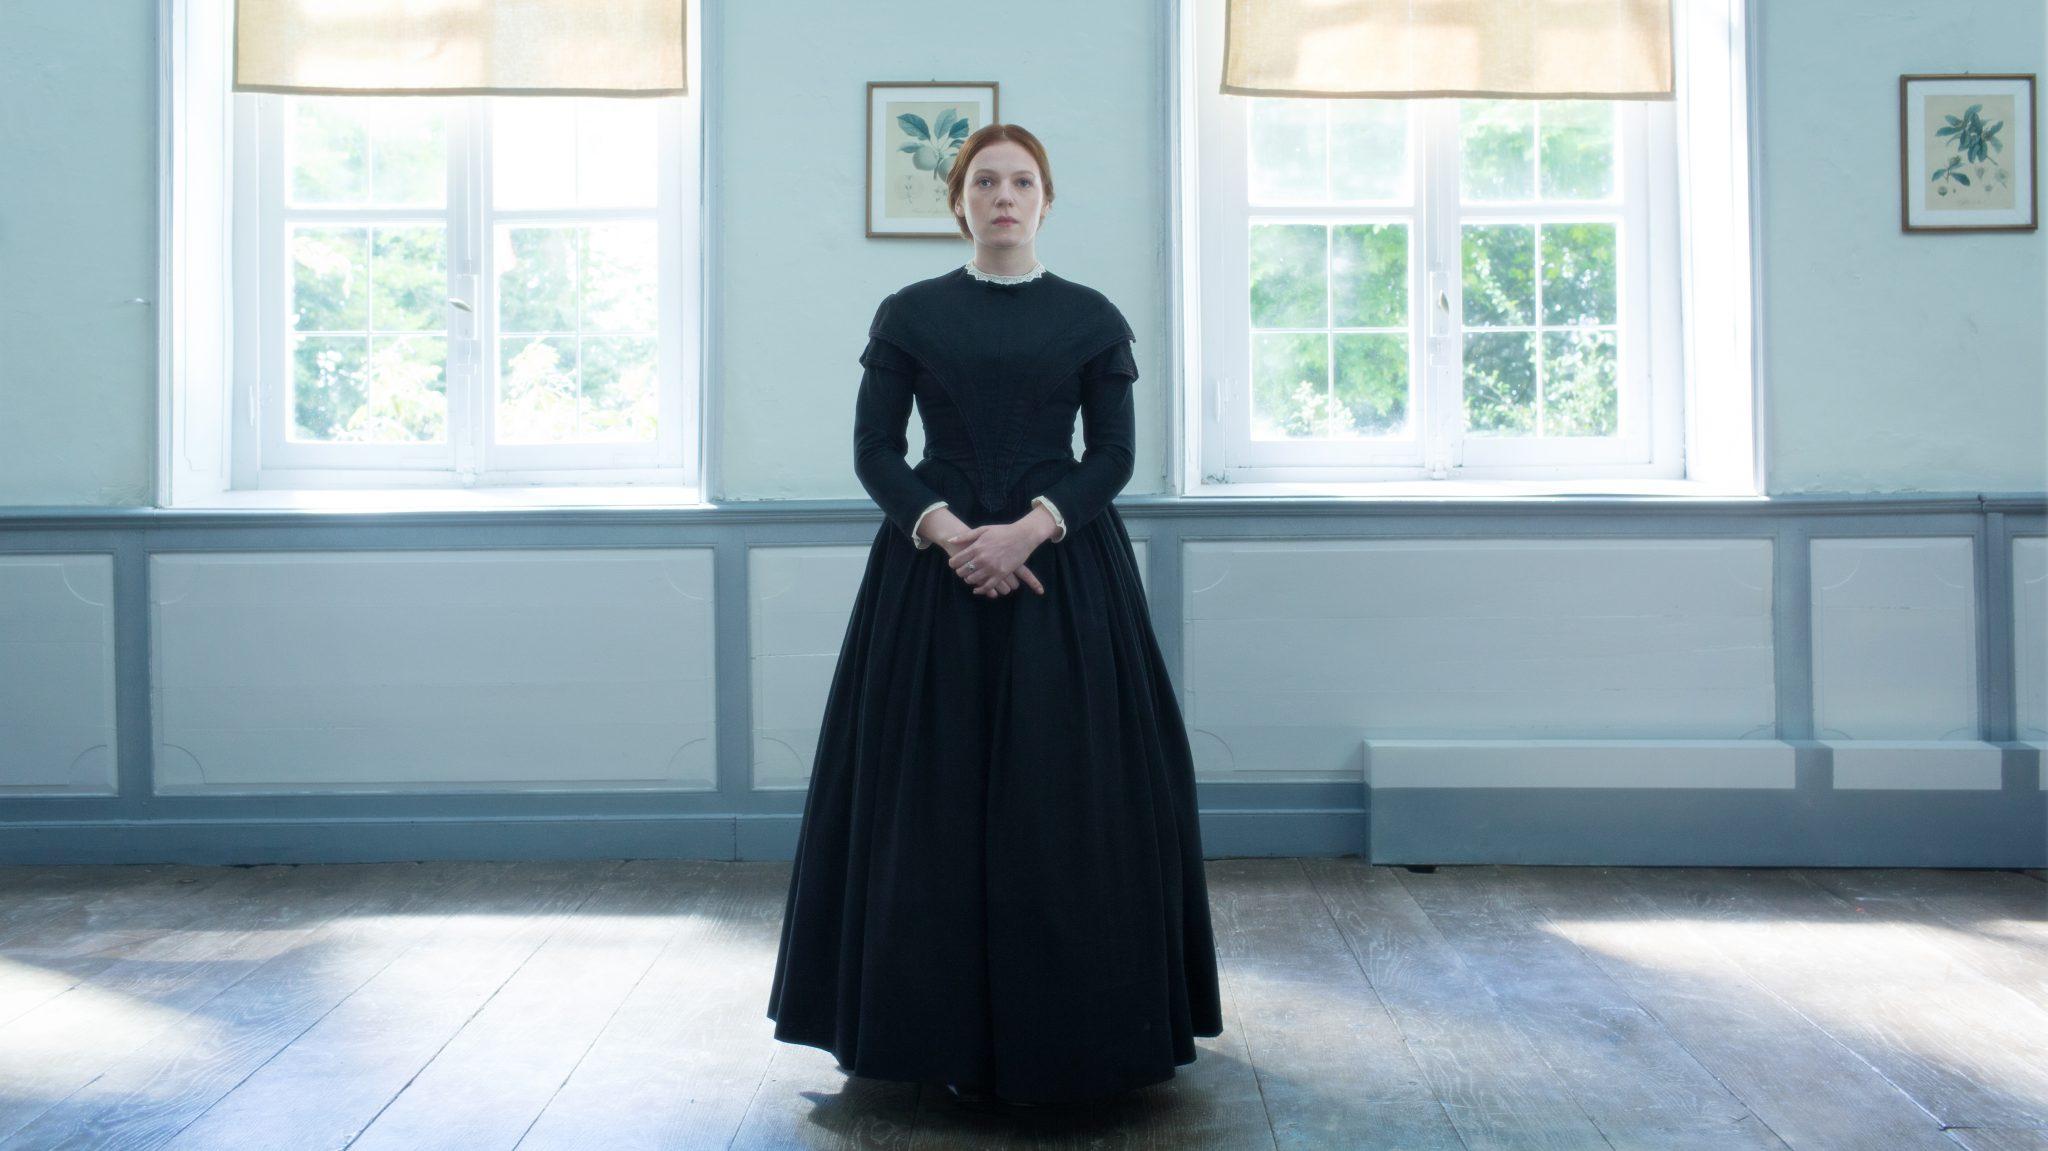 A quiet passion, la vita di Emily Dickinson: una passione solo apparentemente tranquilla